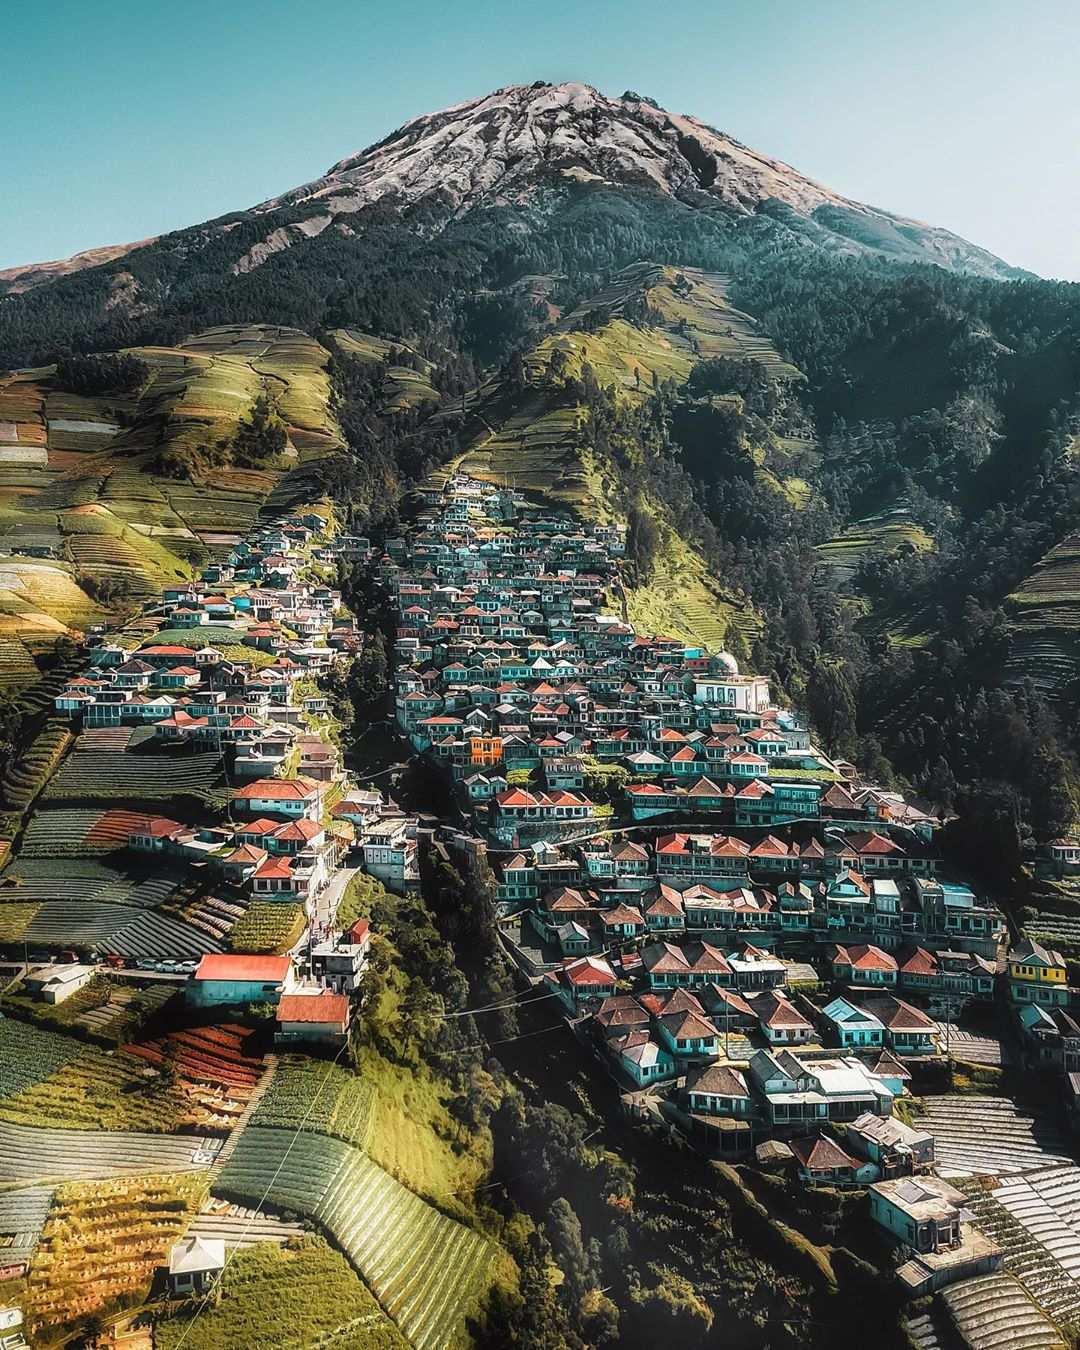 Nepal Van Java dusun Butuh Magelang, Image From @caionugroz